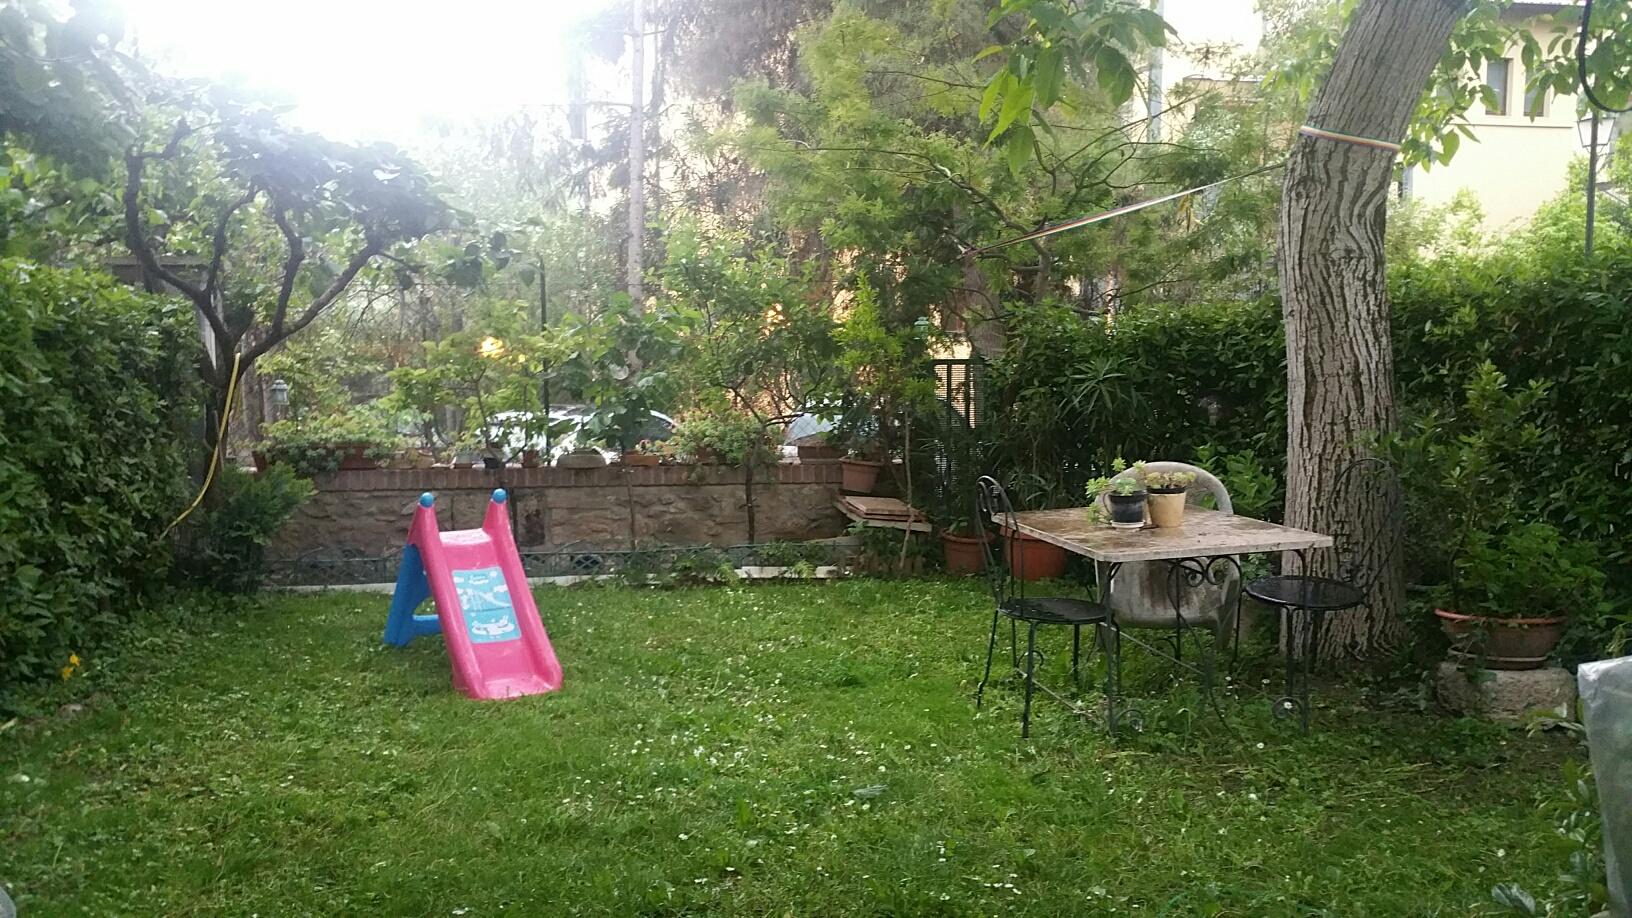 Appartamento in vendita a Ascoli Piceno, 5 locali, zona Zona: Piazzarola, prezzo € 320.000 | CambioCasa.it